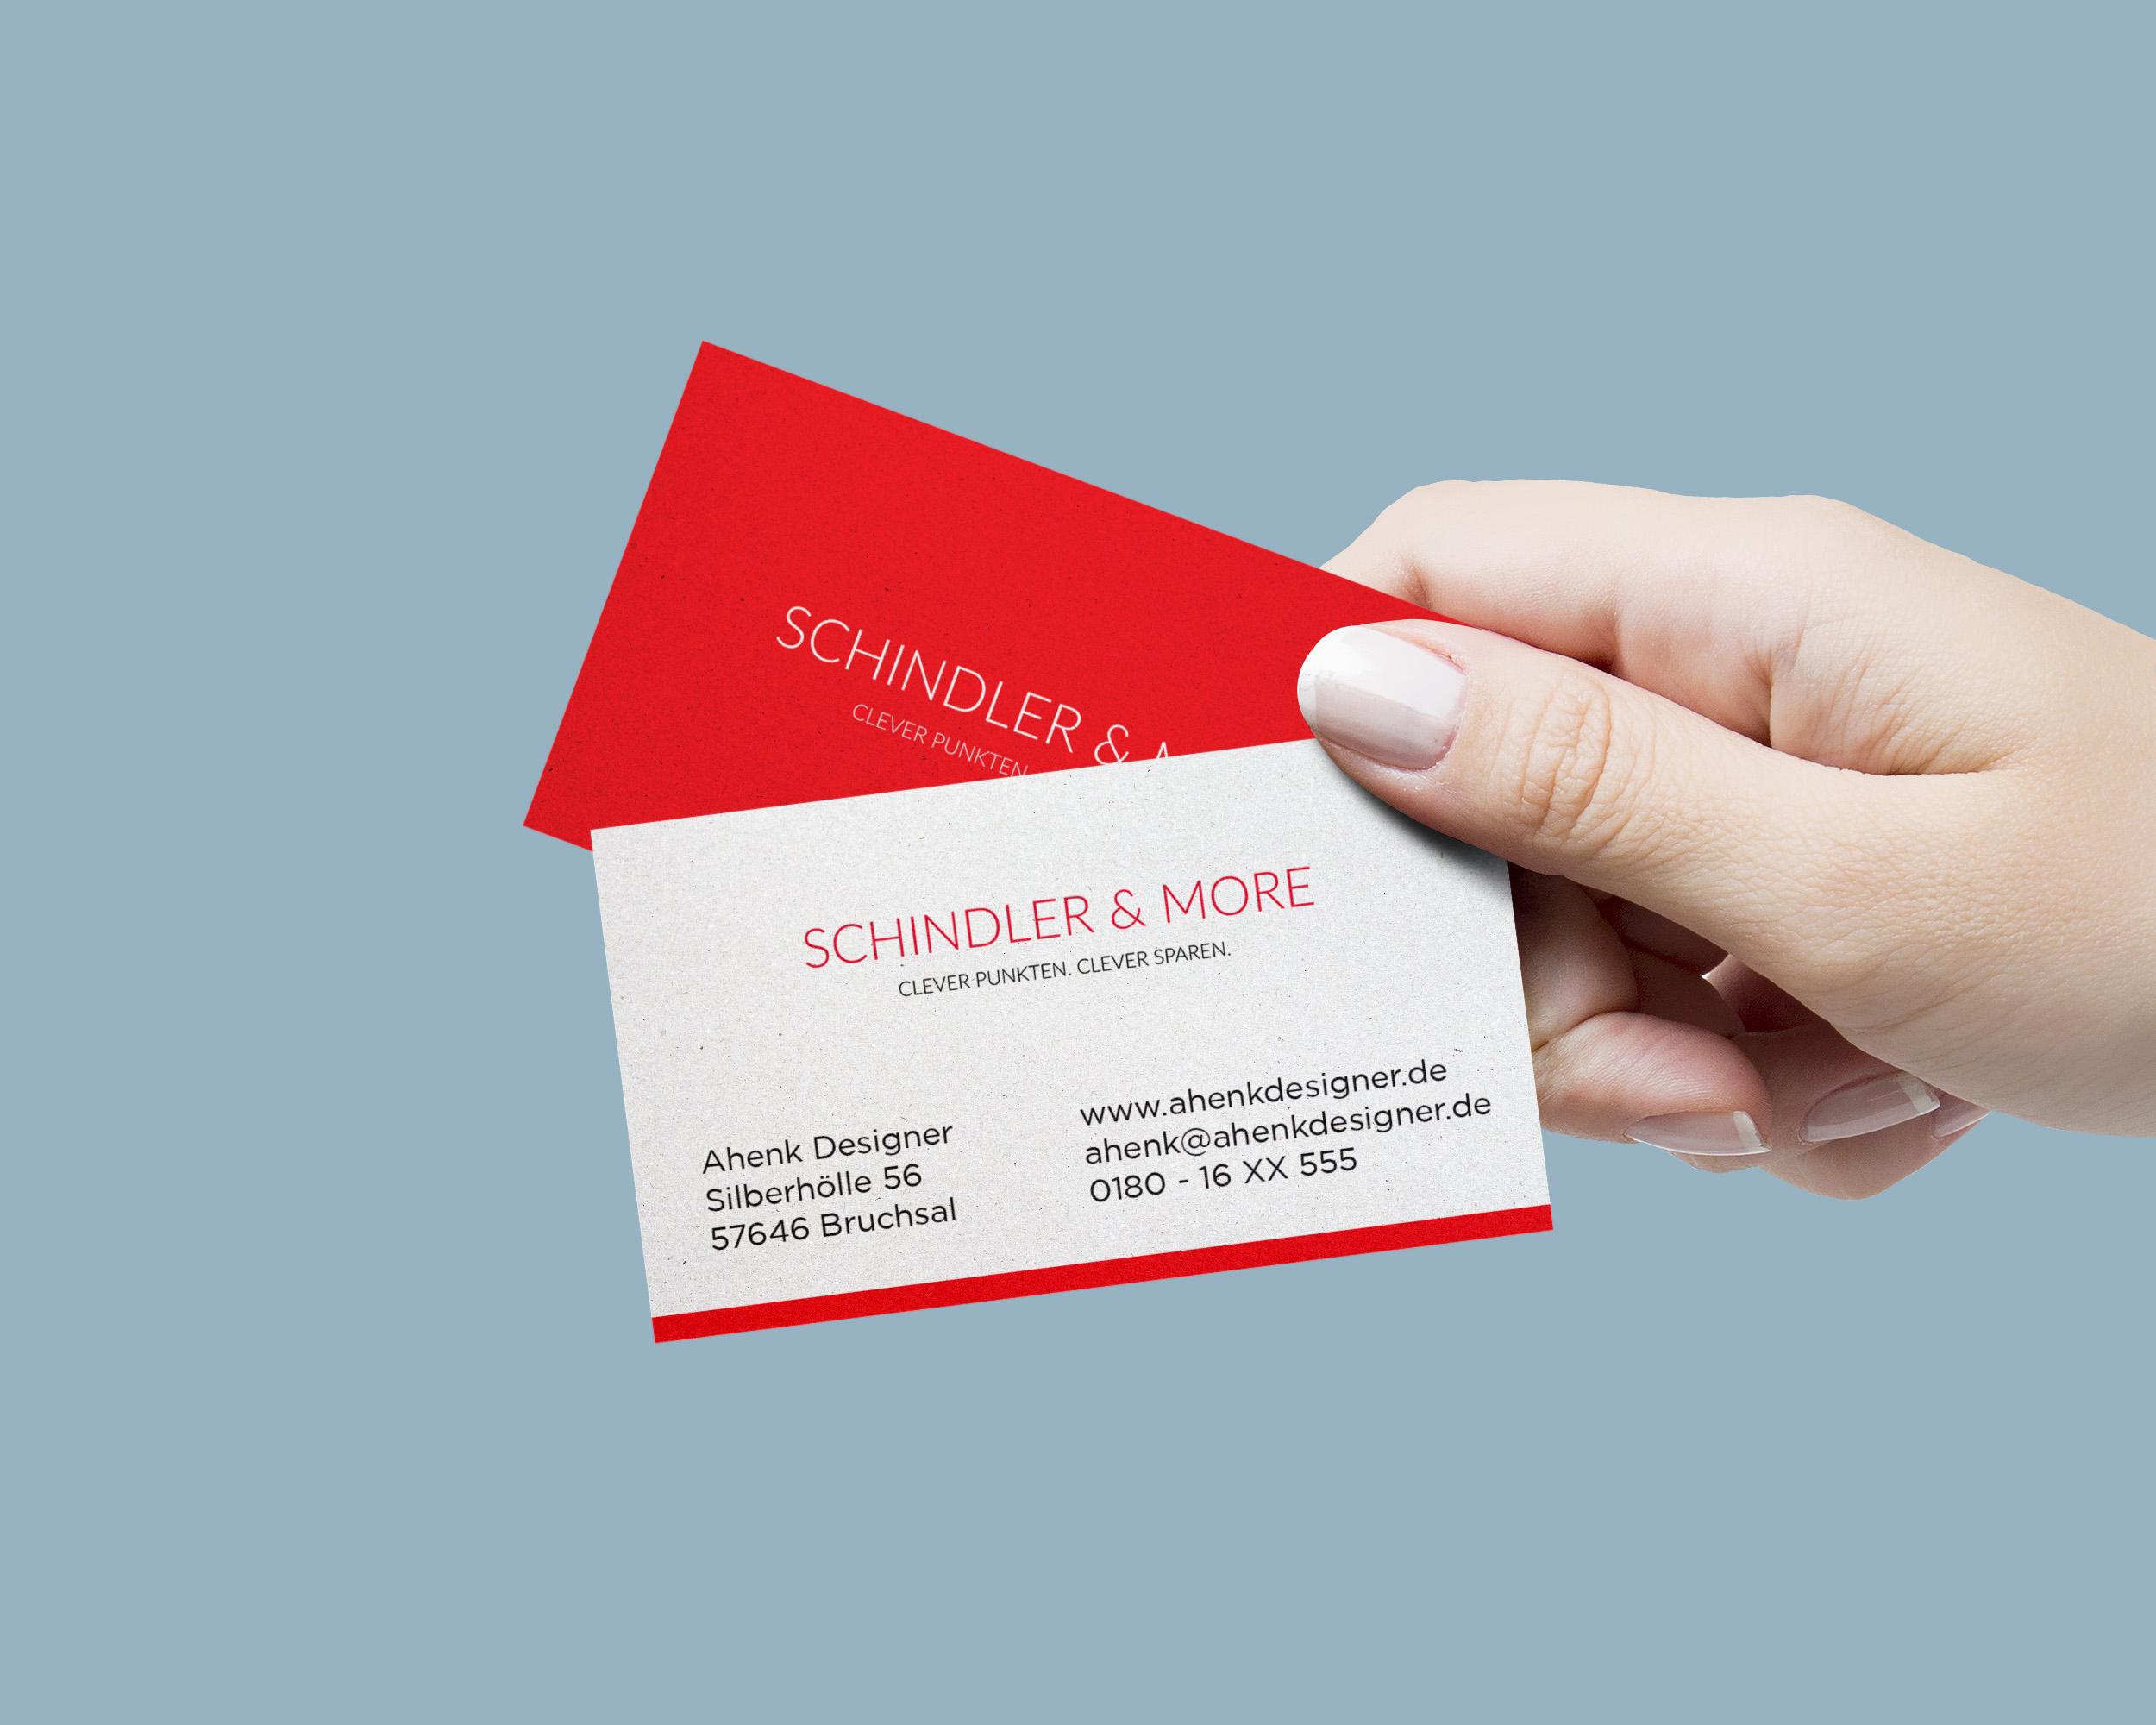 Regionale Kundenkarte In Den Farben Rot Weiß Visitenkarten